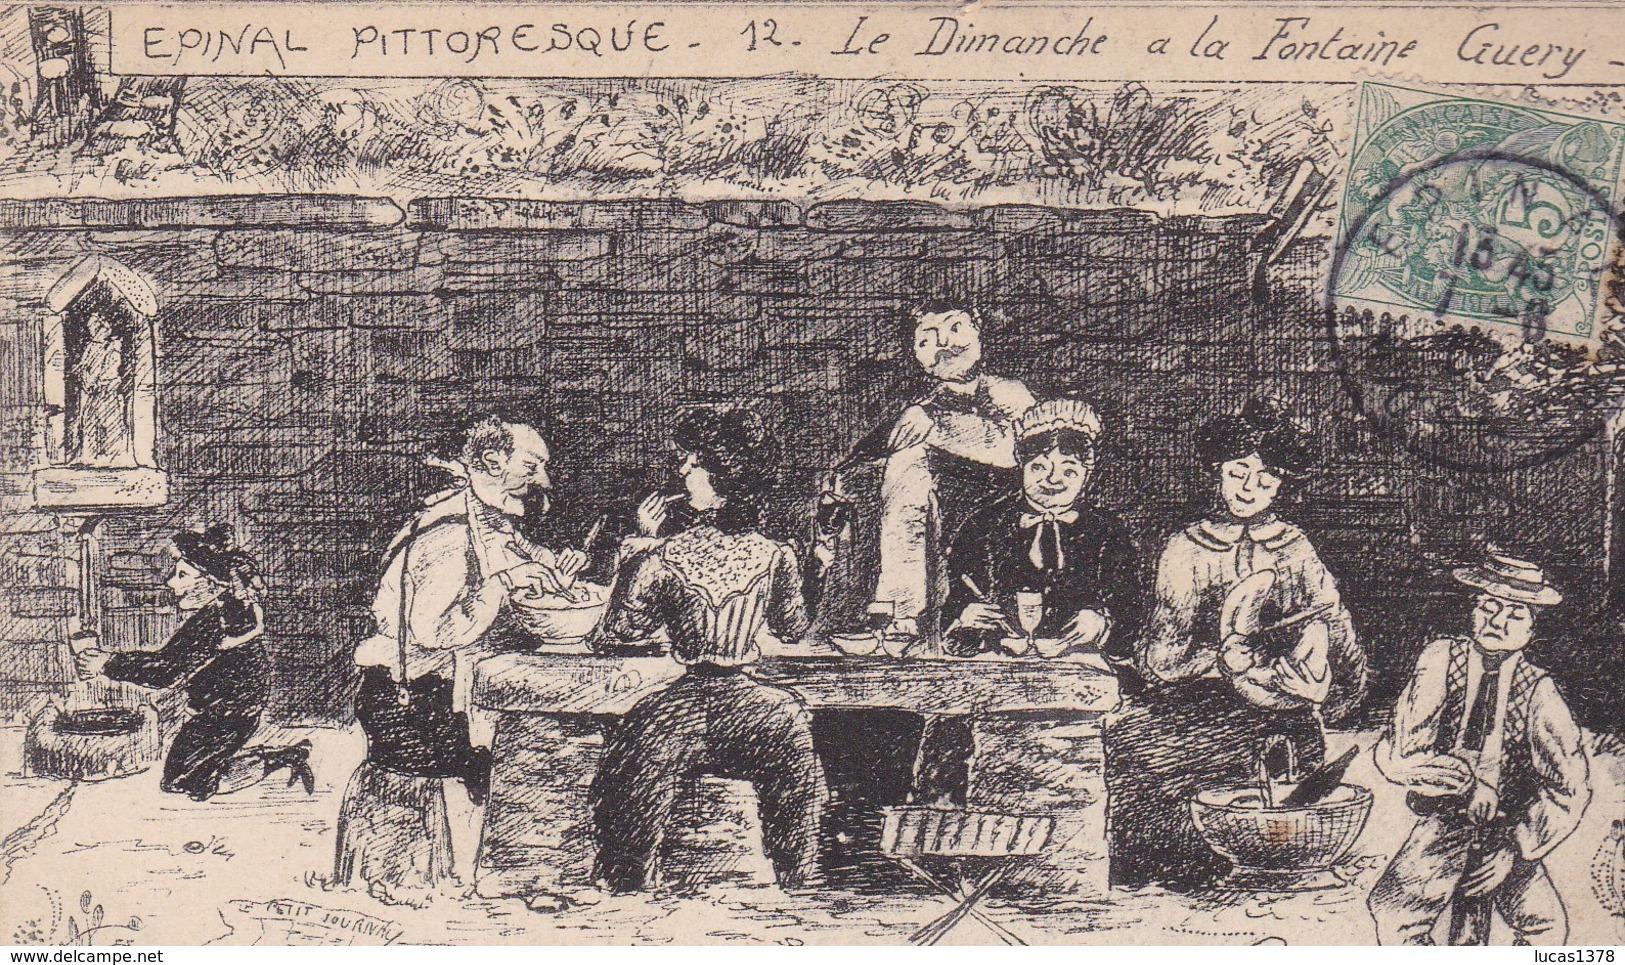 88 / EPINAL PITTORESQUE / LE DIMANCHE A LA FONTAINE GUERY / THOMAS - Epinal